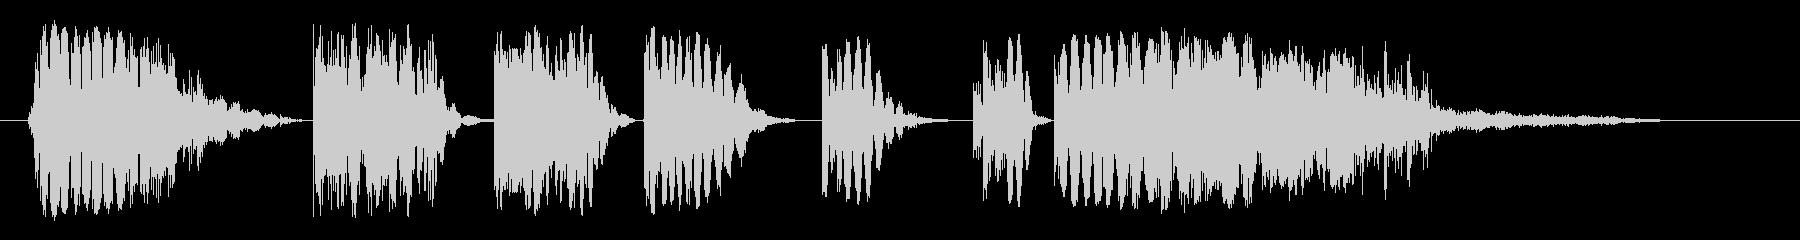 スタッターアクセント1の未再生の波形